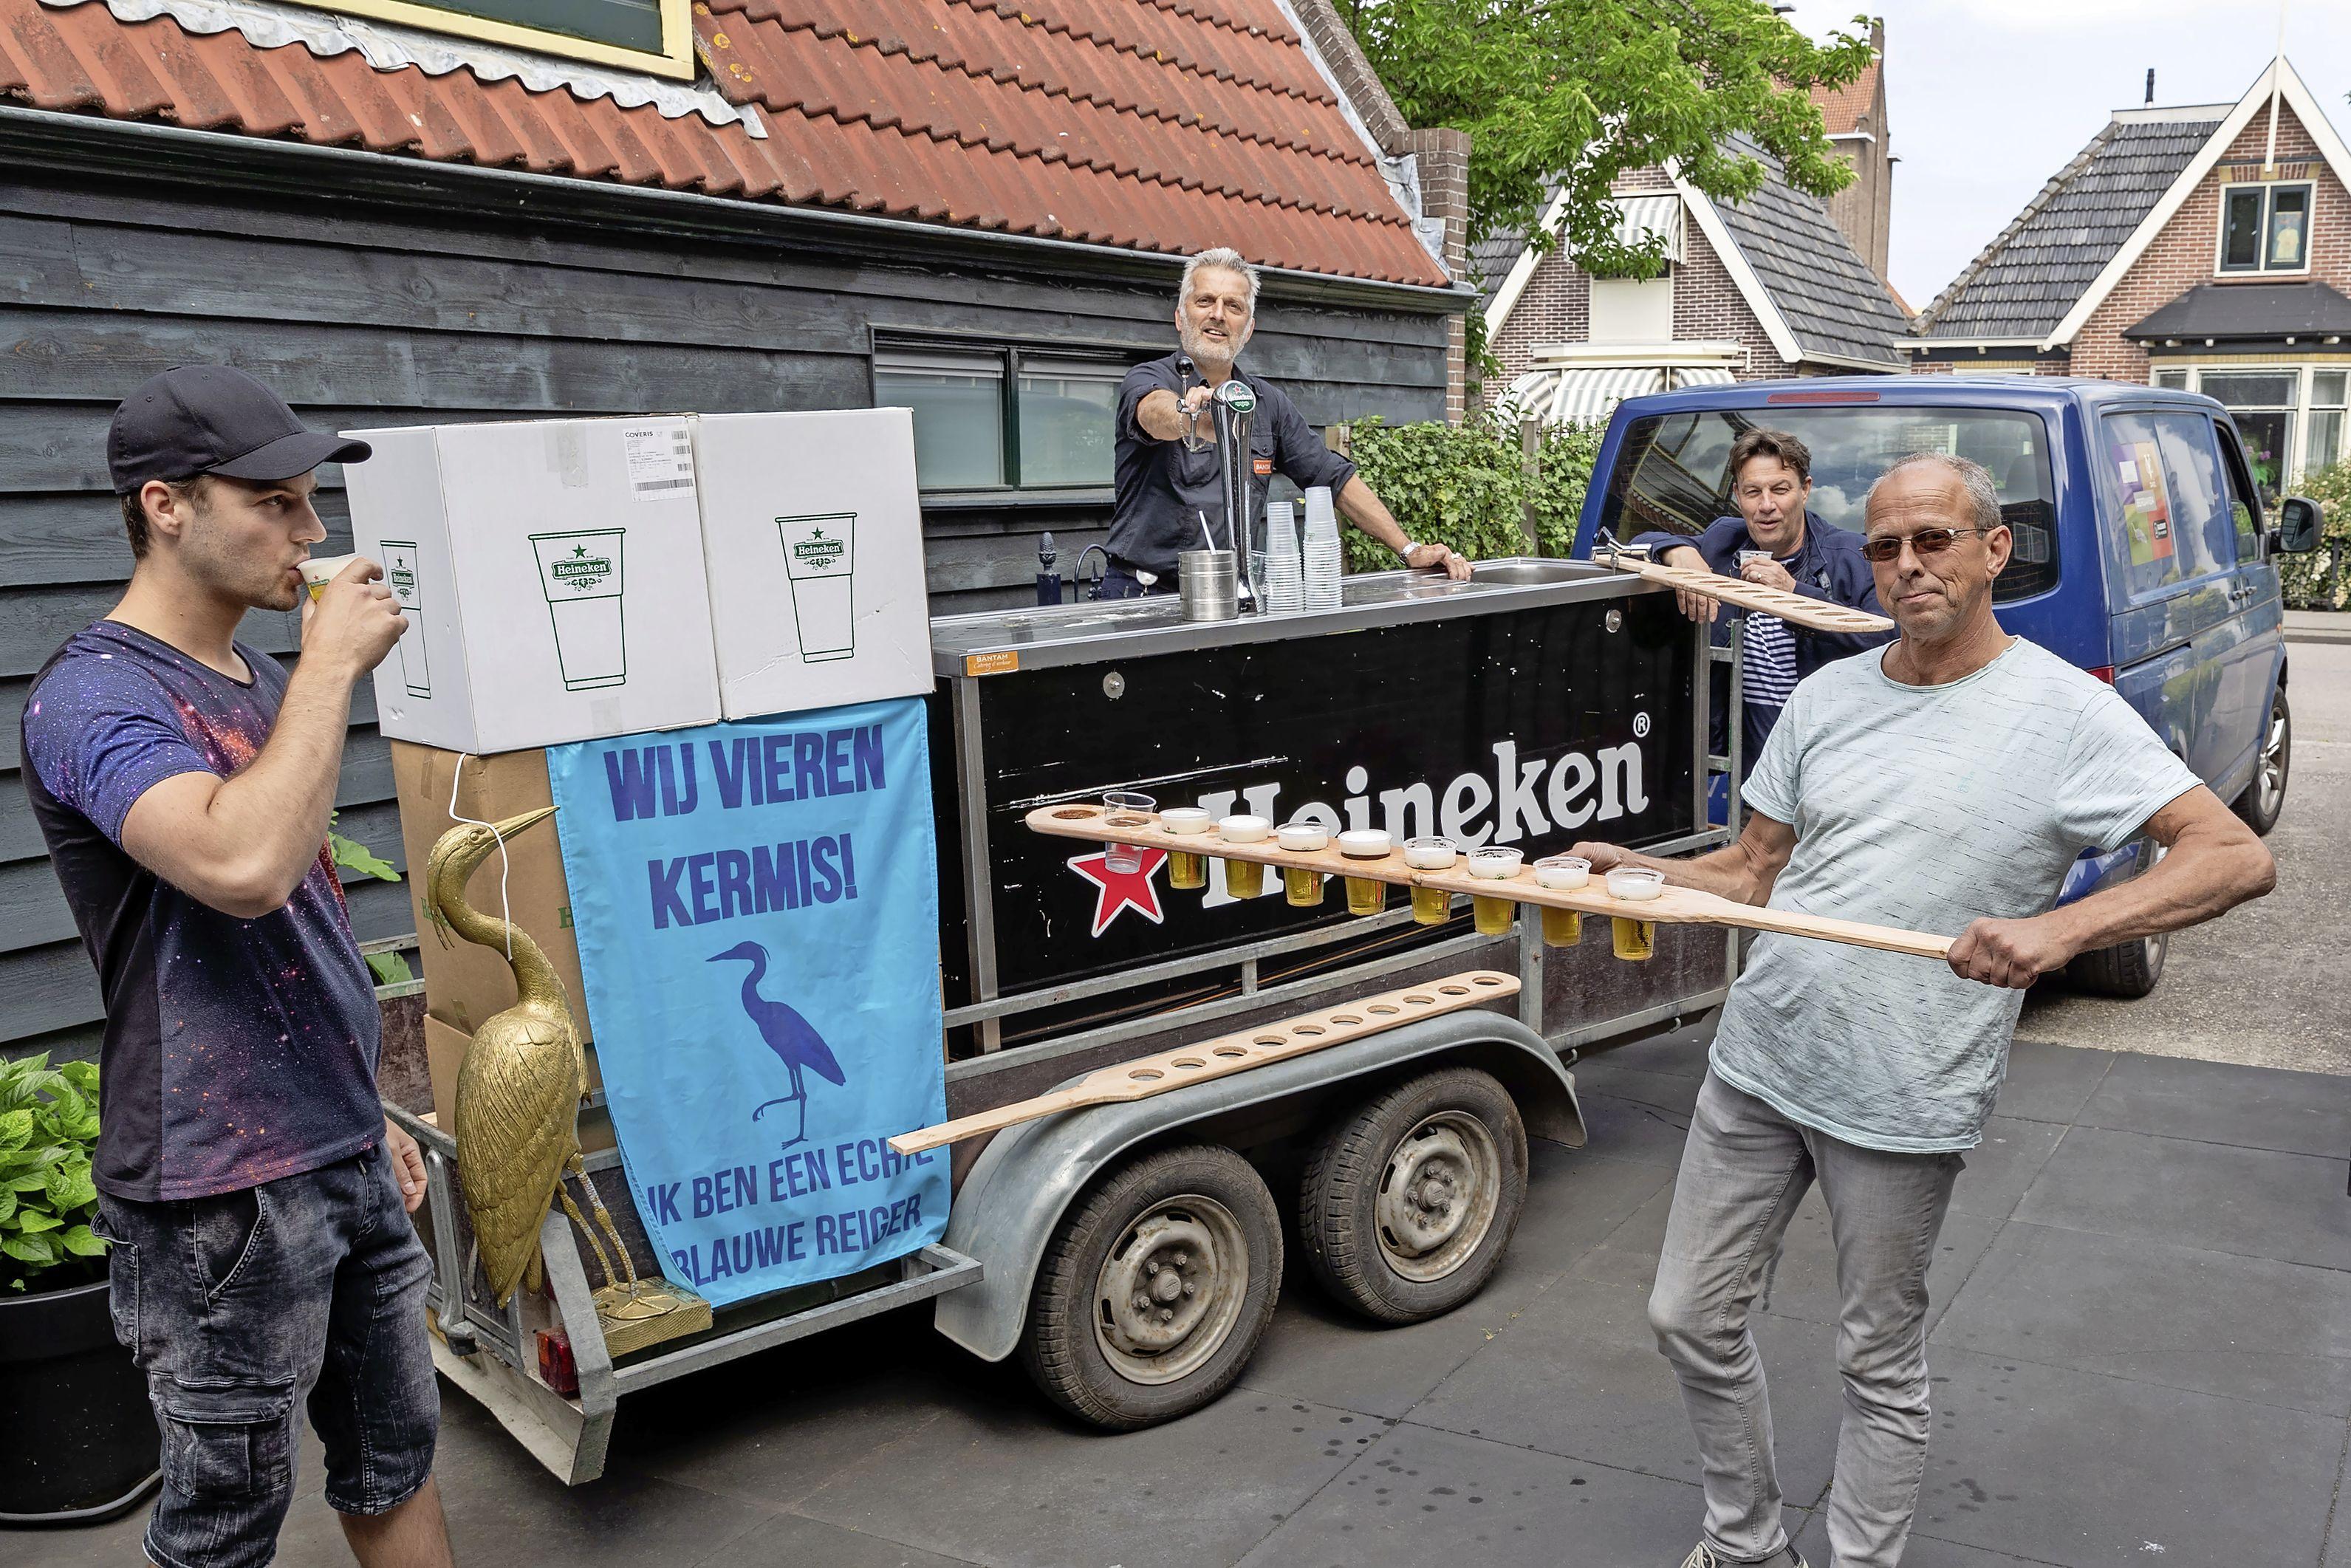 Venhuizen en Hoogkarspel mikken op september voor alternatief kermisfeest